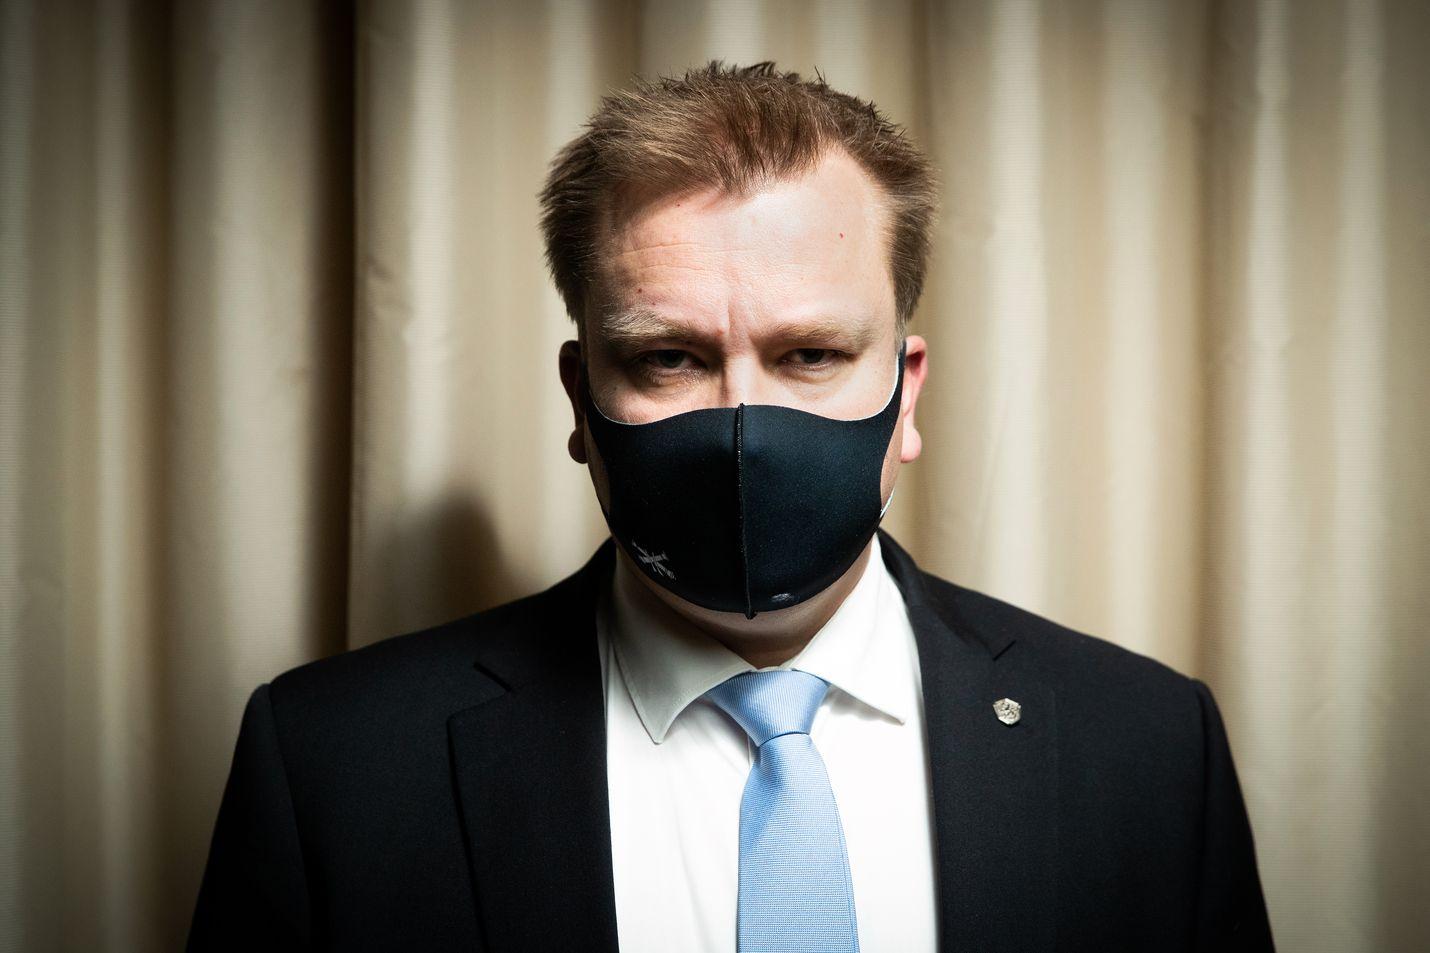 Puolustusministeri Antti Kaikkosen mukaan pitäisi pohtia, voitaisiinko siviilipalvelusta suorittavia käyttää virka-aputehtäviin. Nykyinen laki estää sen.